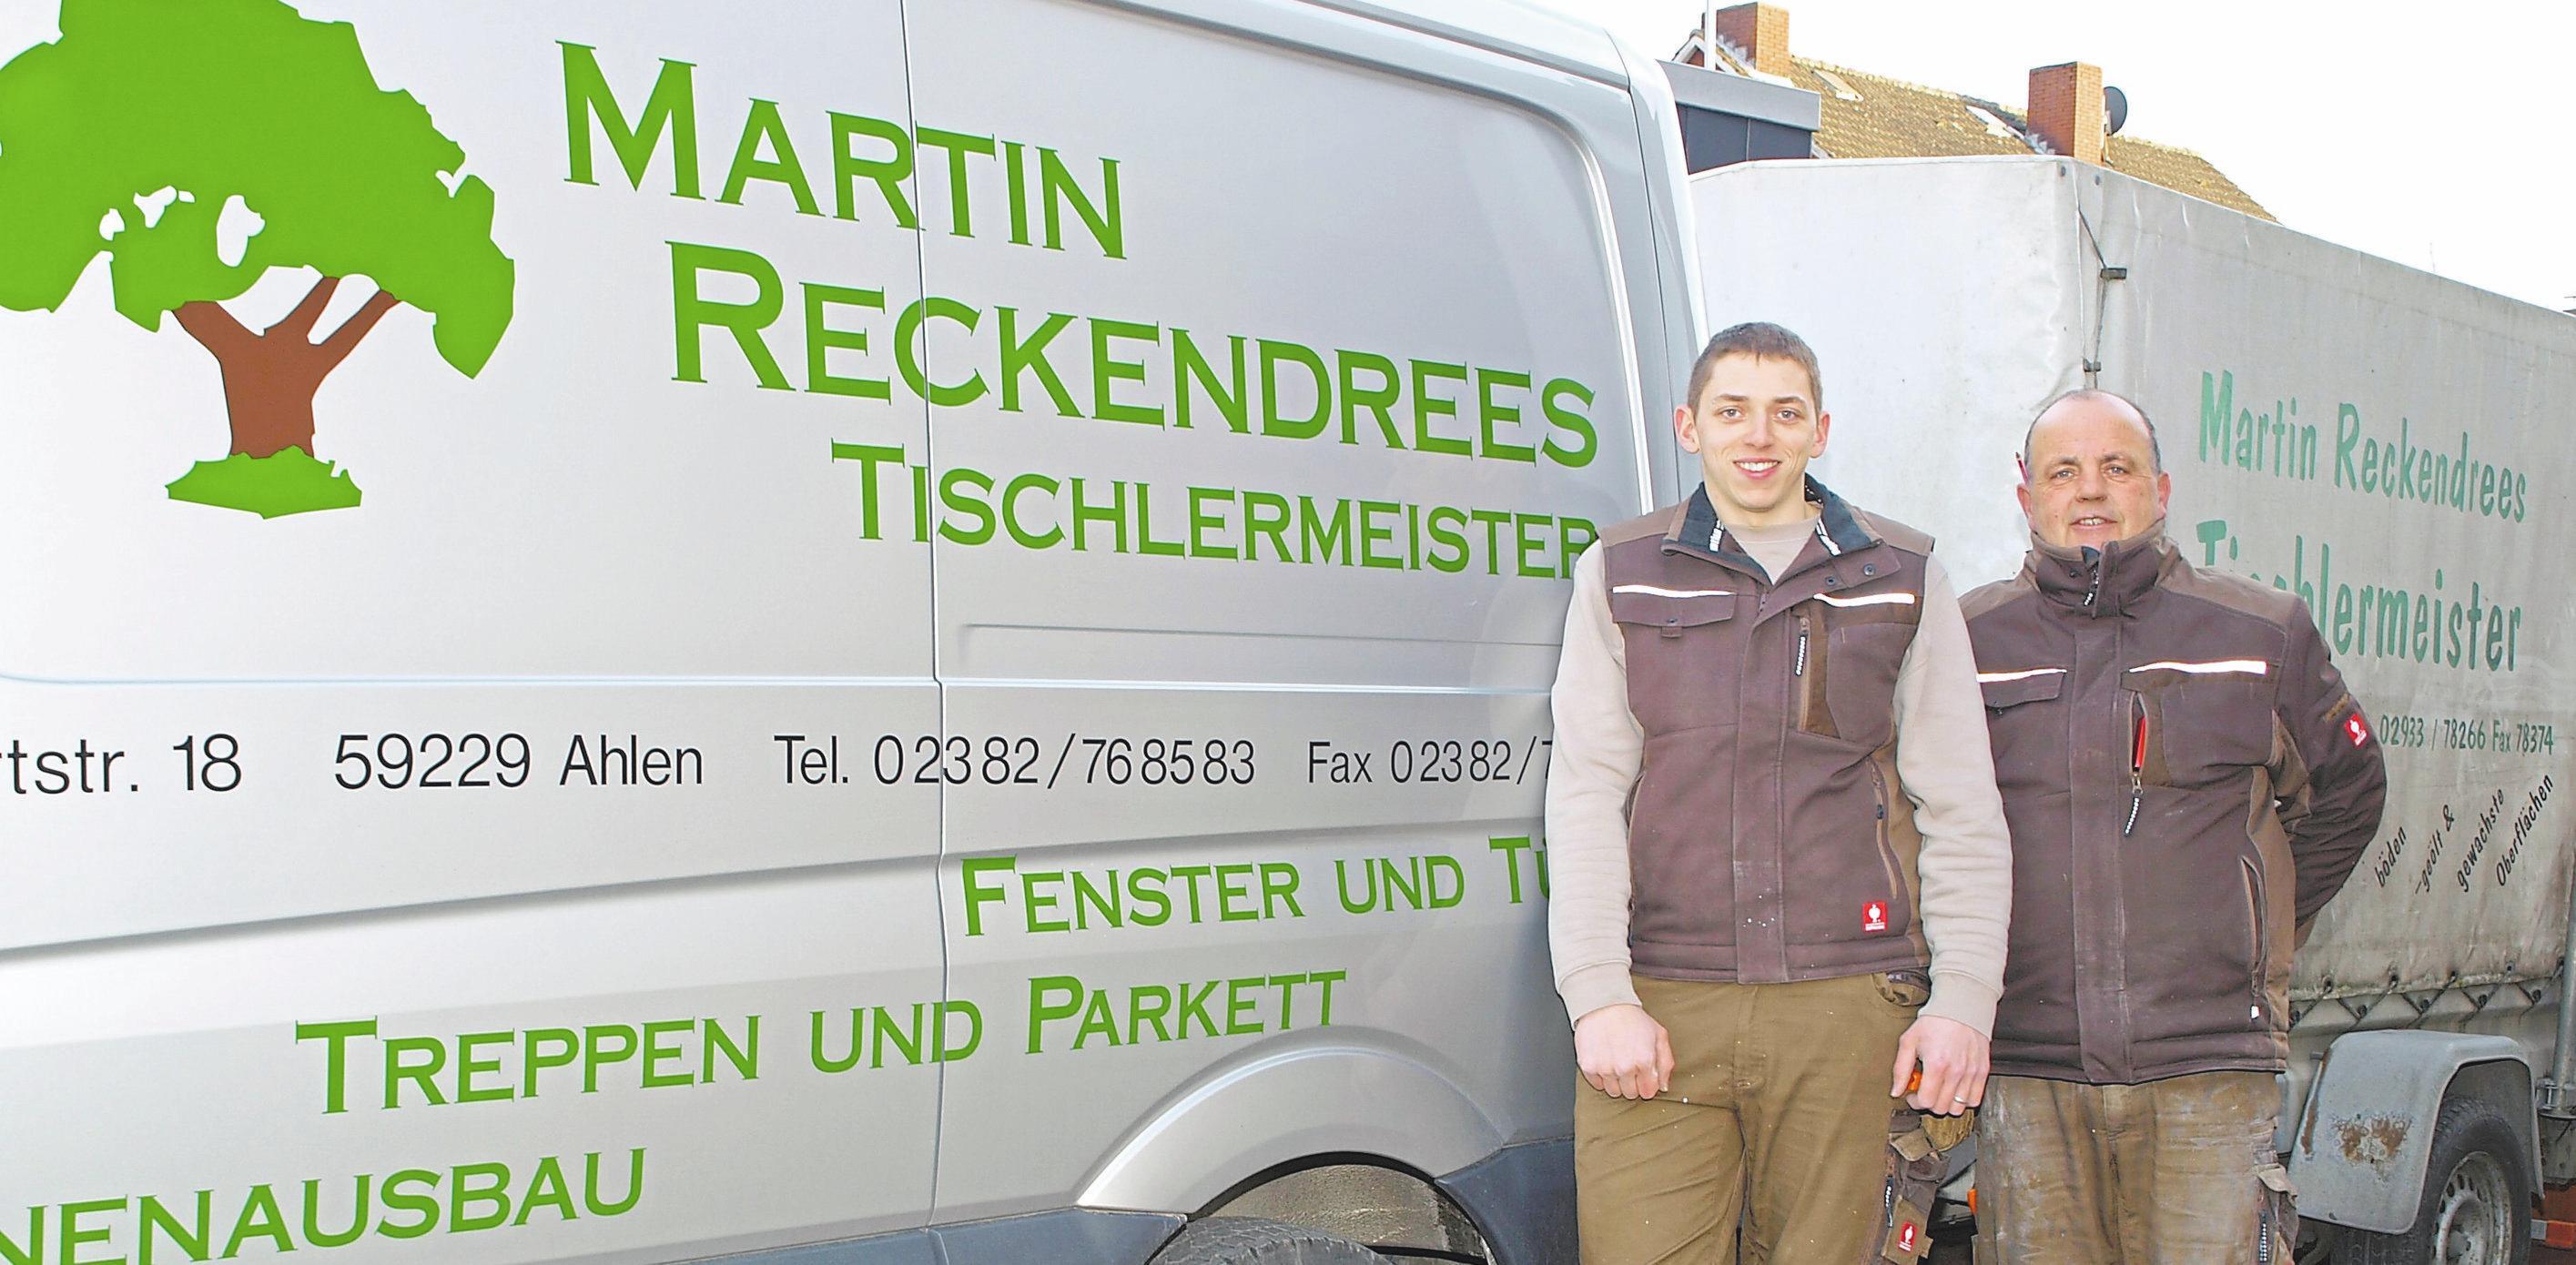 Martin Reckendrees (r.) ist bereits seit Jahrzehnten im Geschäft und wird inzwischen von Björn Marquardt unterstützt.